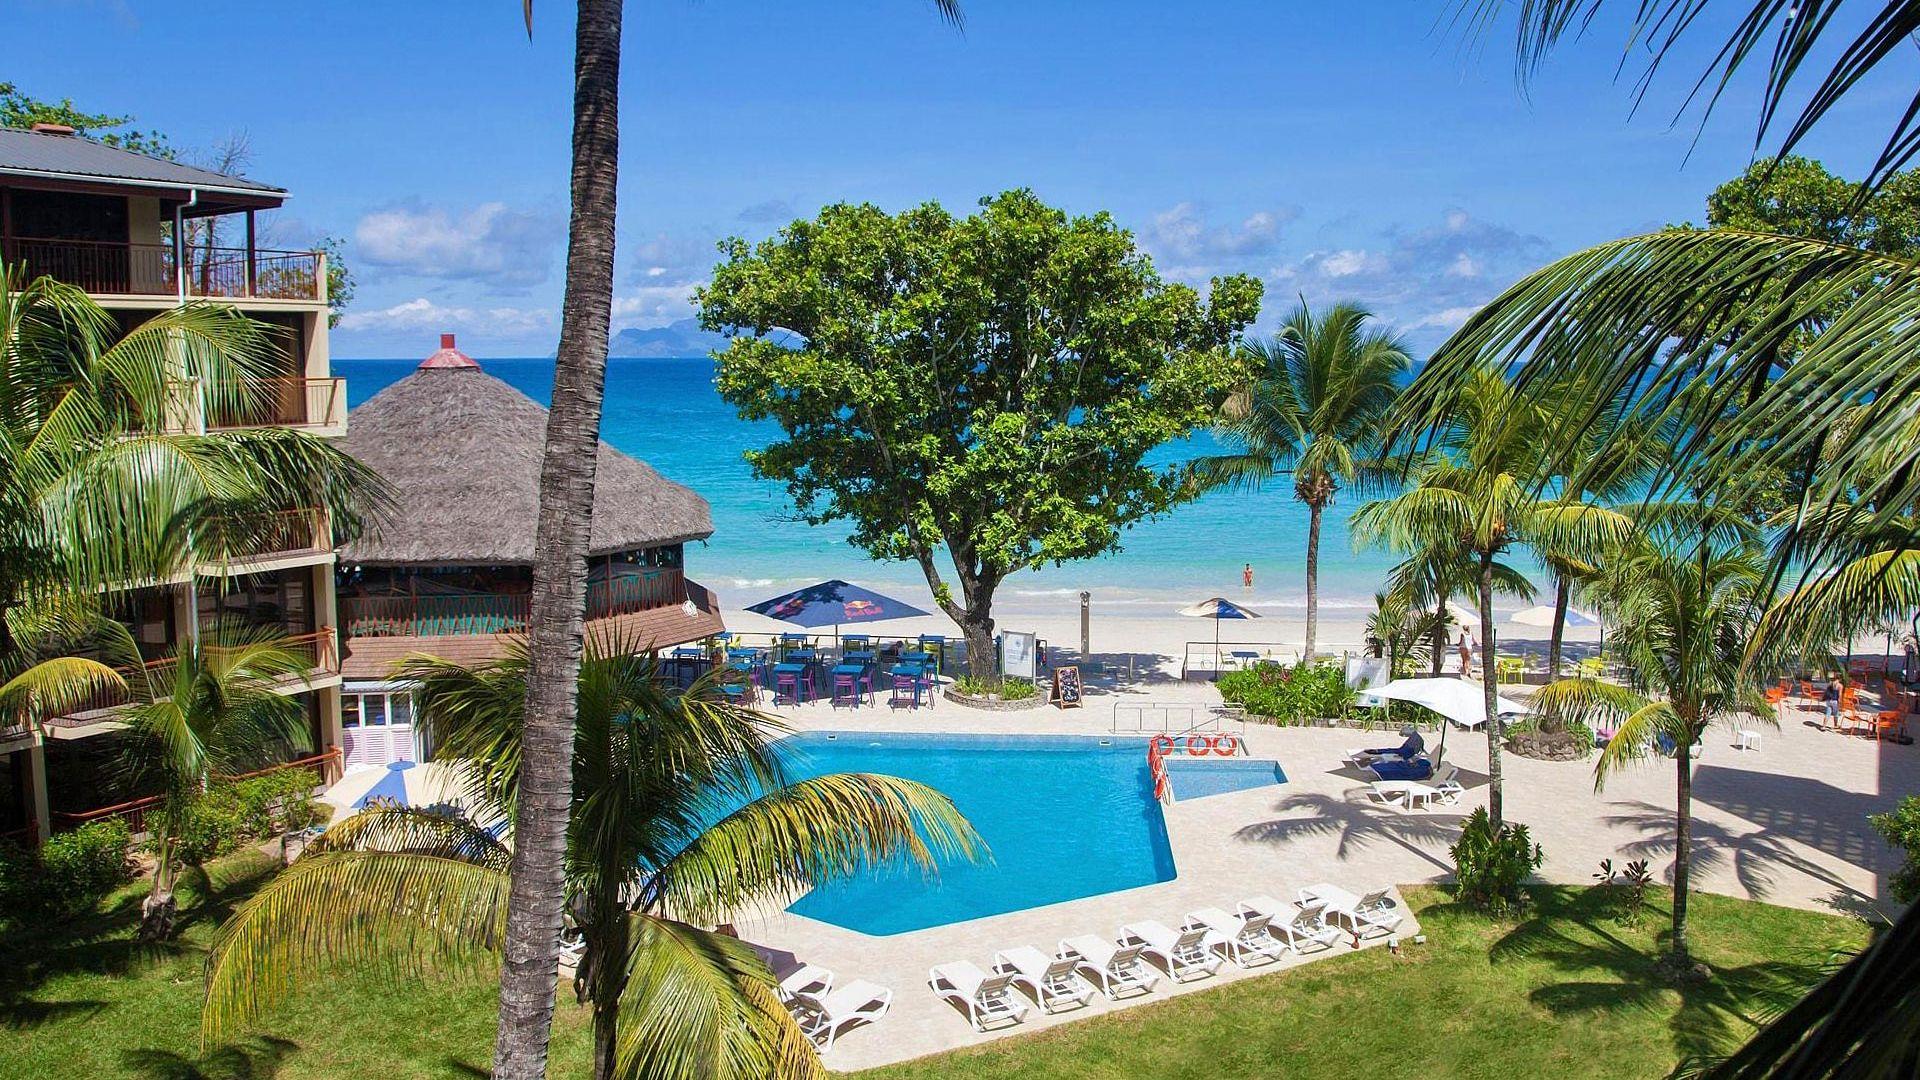 Luna de miere - Sejur plaja Coral Strand Seychelles 4*, 10 zile